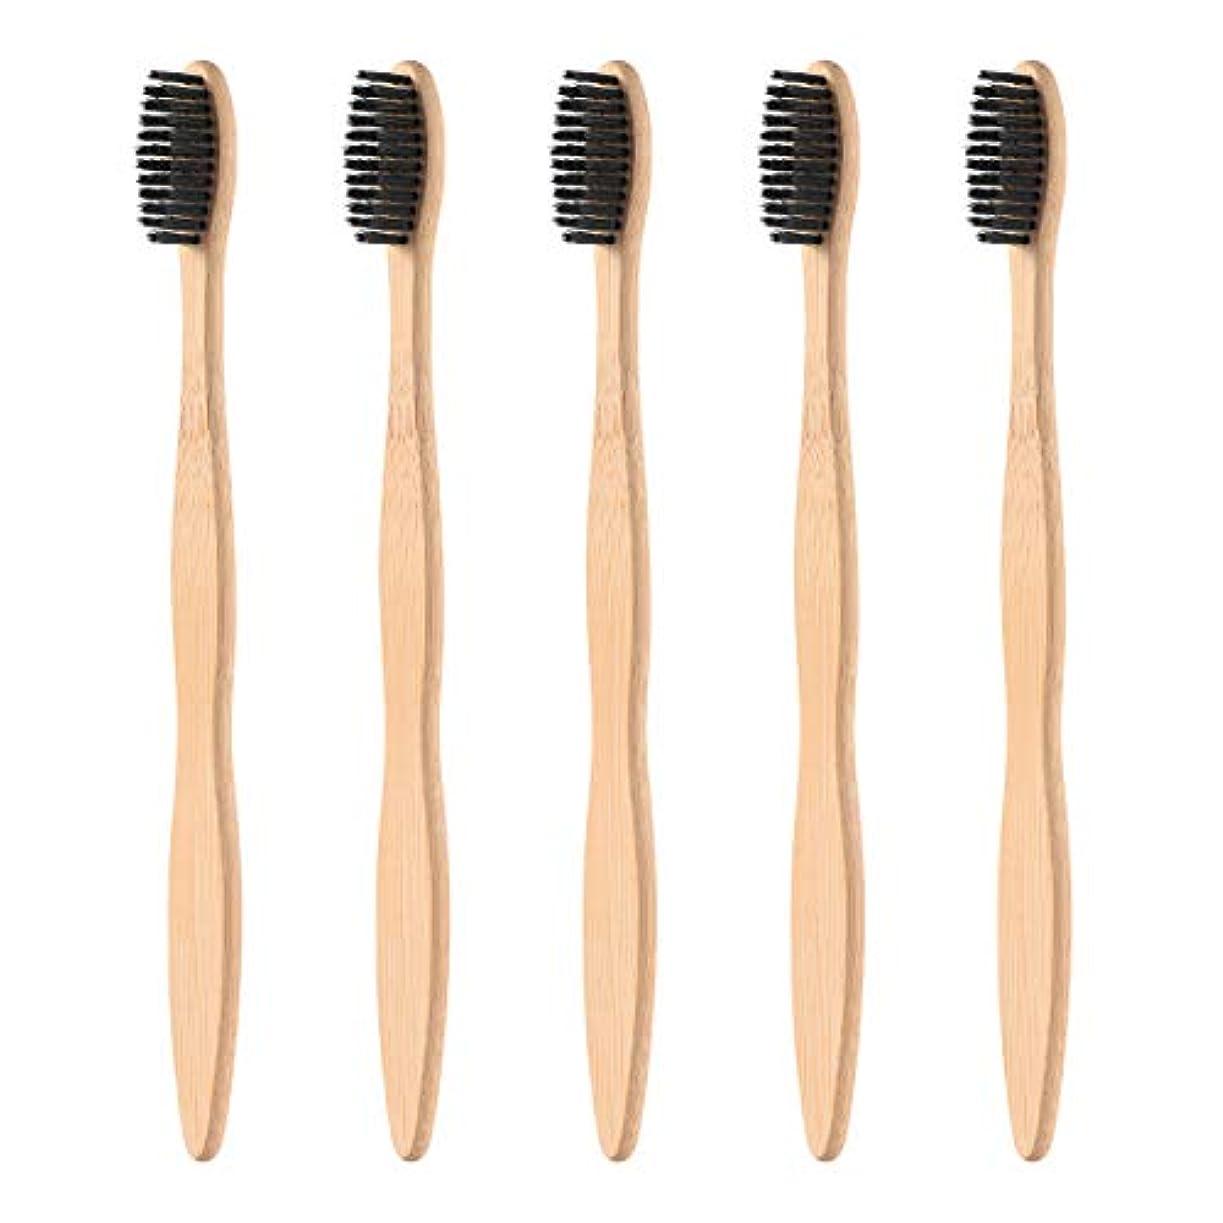 調子漁師確執Healifty タケ環境的に歯ブラシ5pcsは柔らかい黒い剛毛が付いている自然な木のEcoの友好的な歯ブラシを扱います